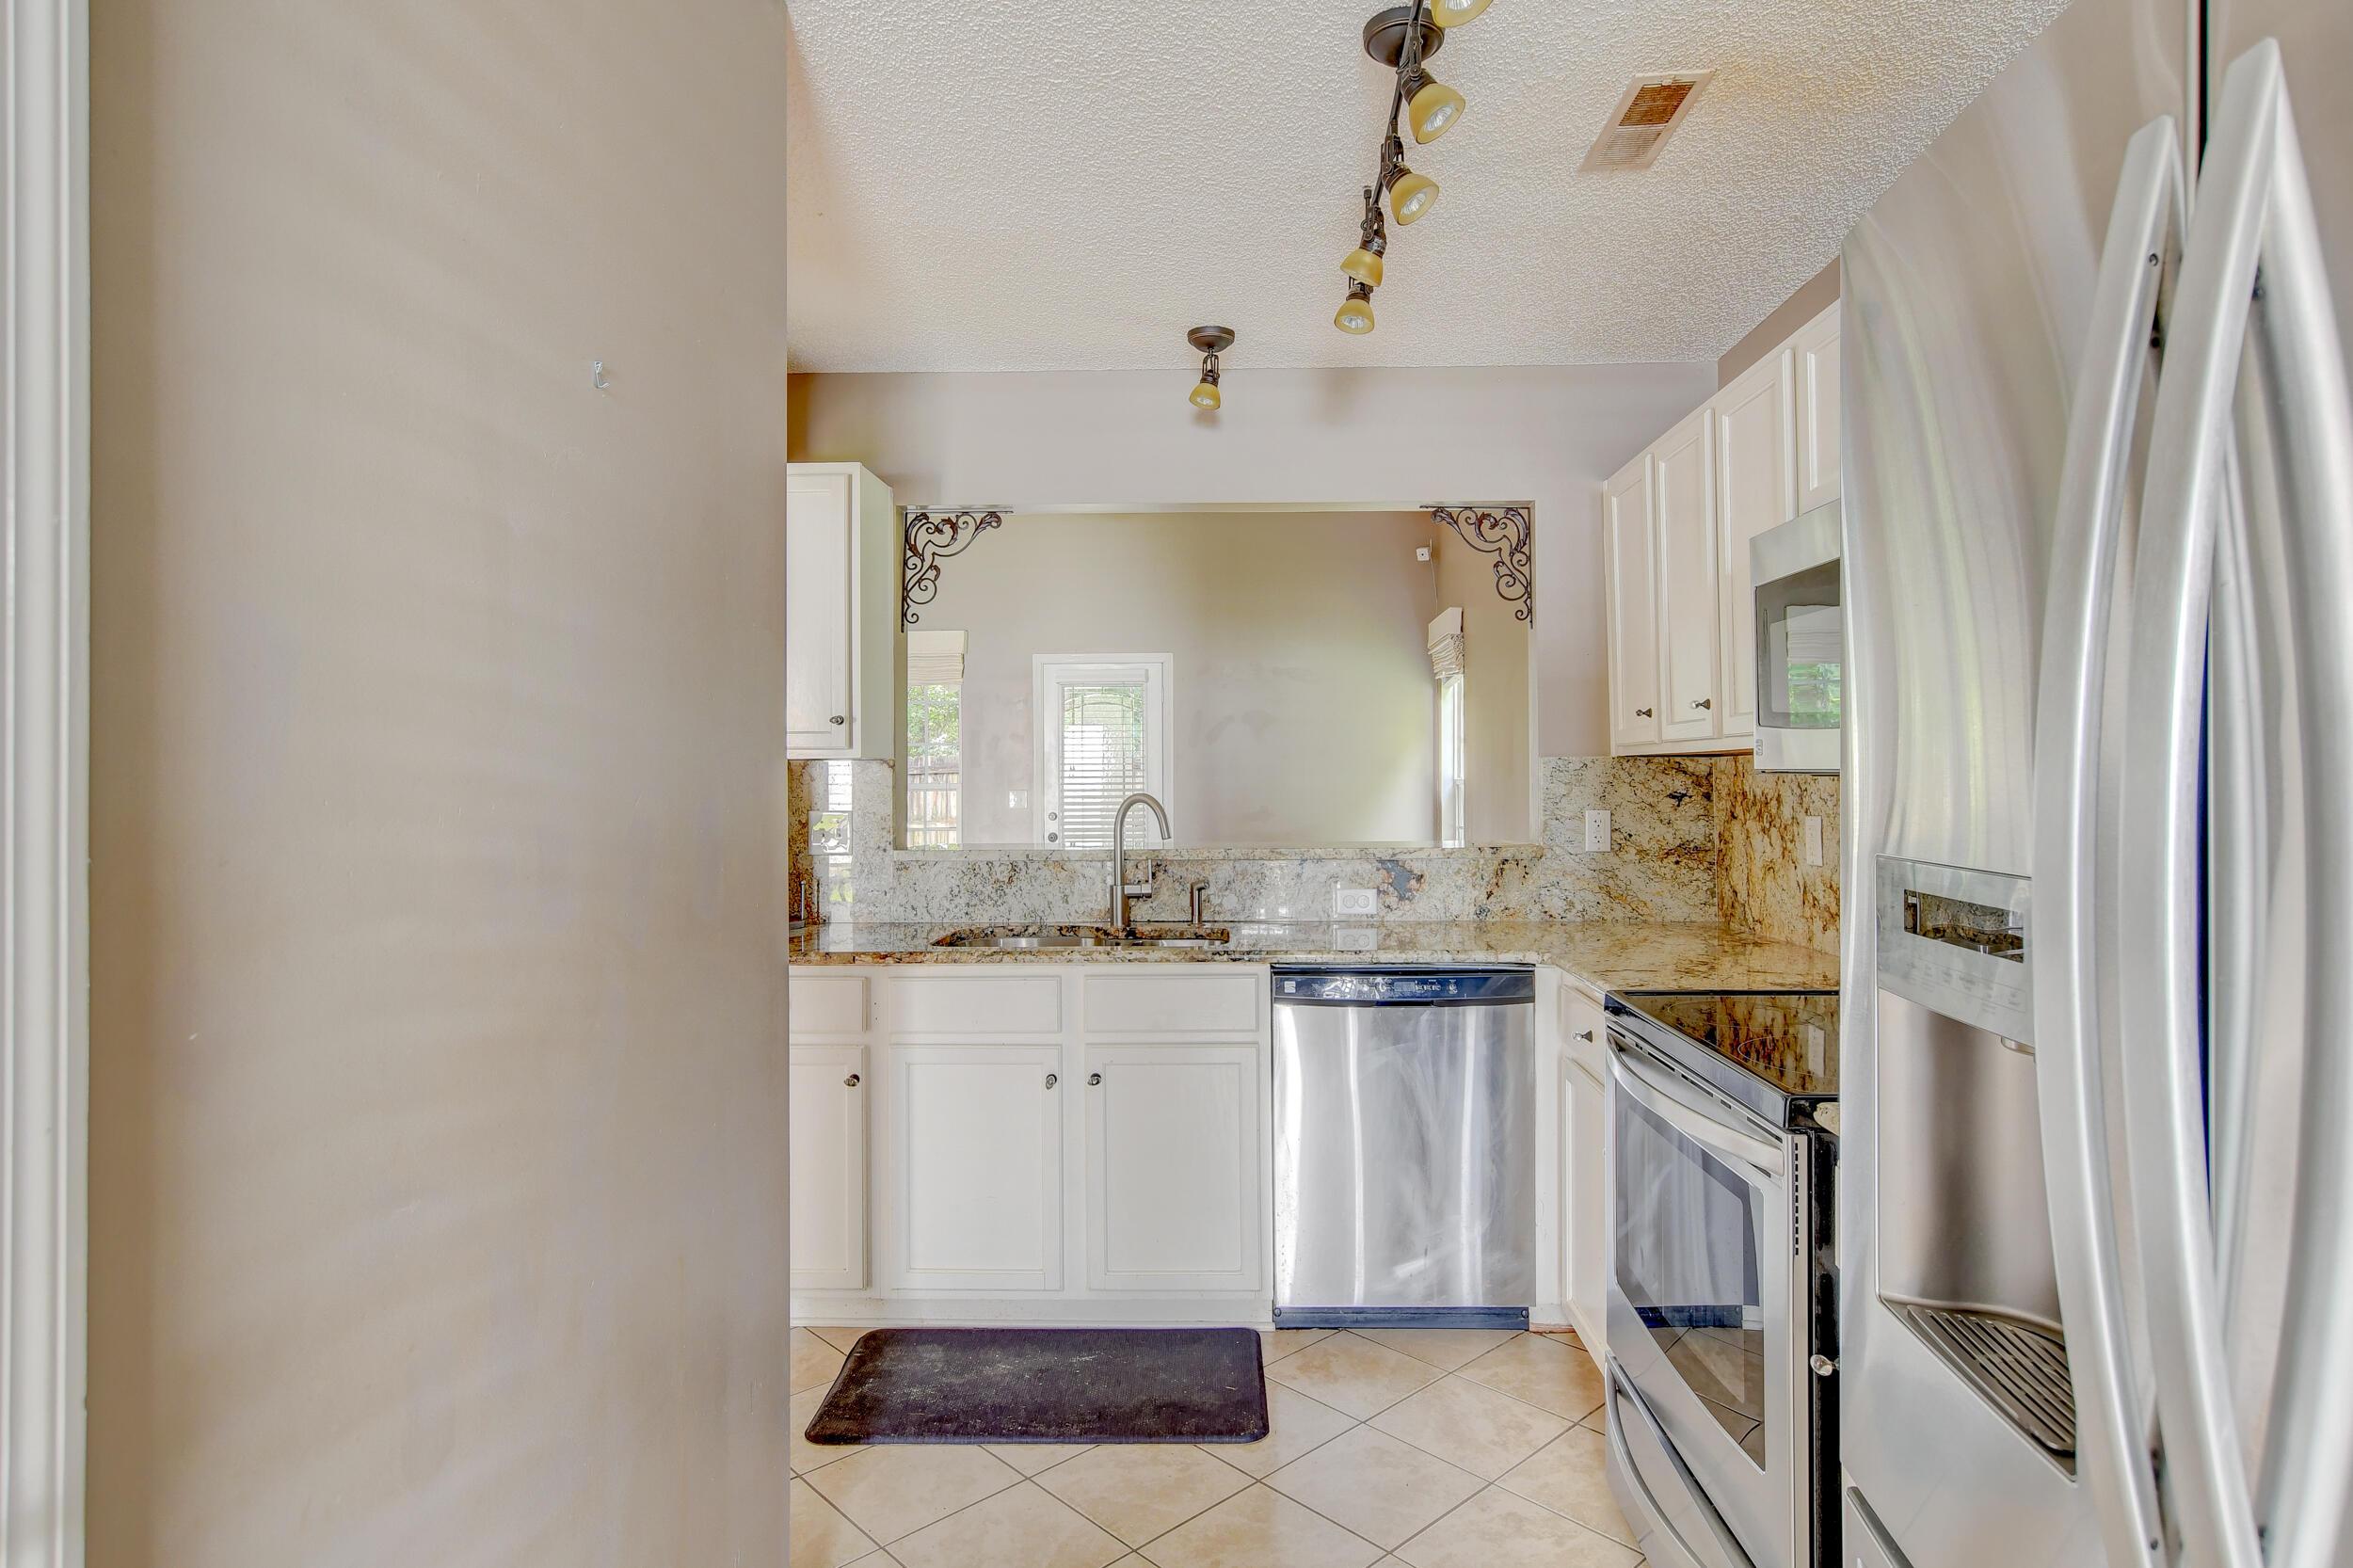 Crowfield Plantation Homes For Sale - 1010 Longview, Goose Creek, SC - 6